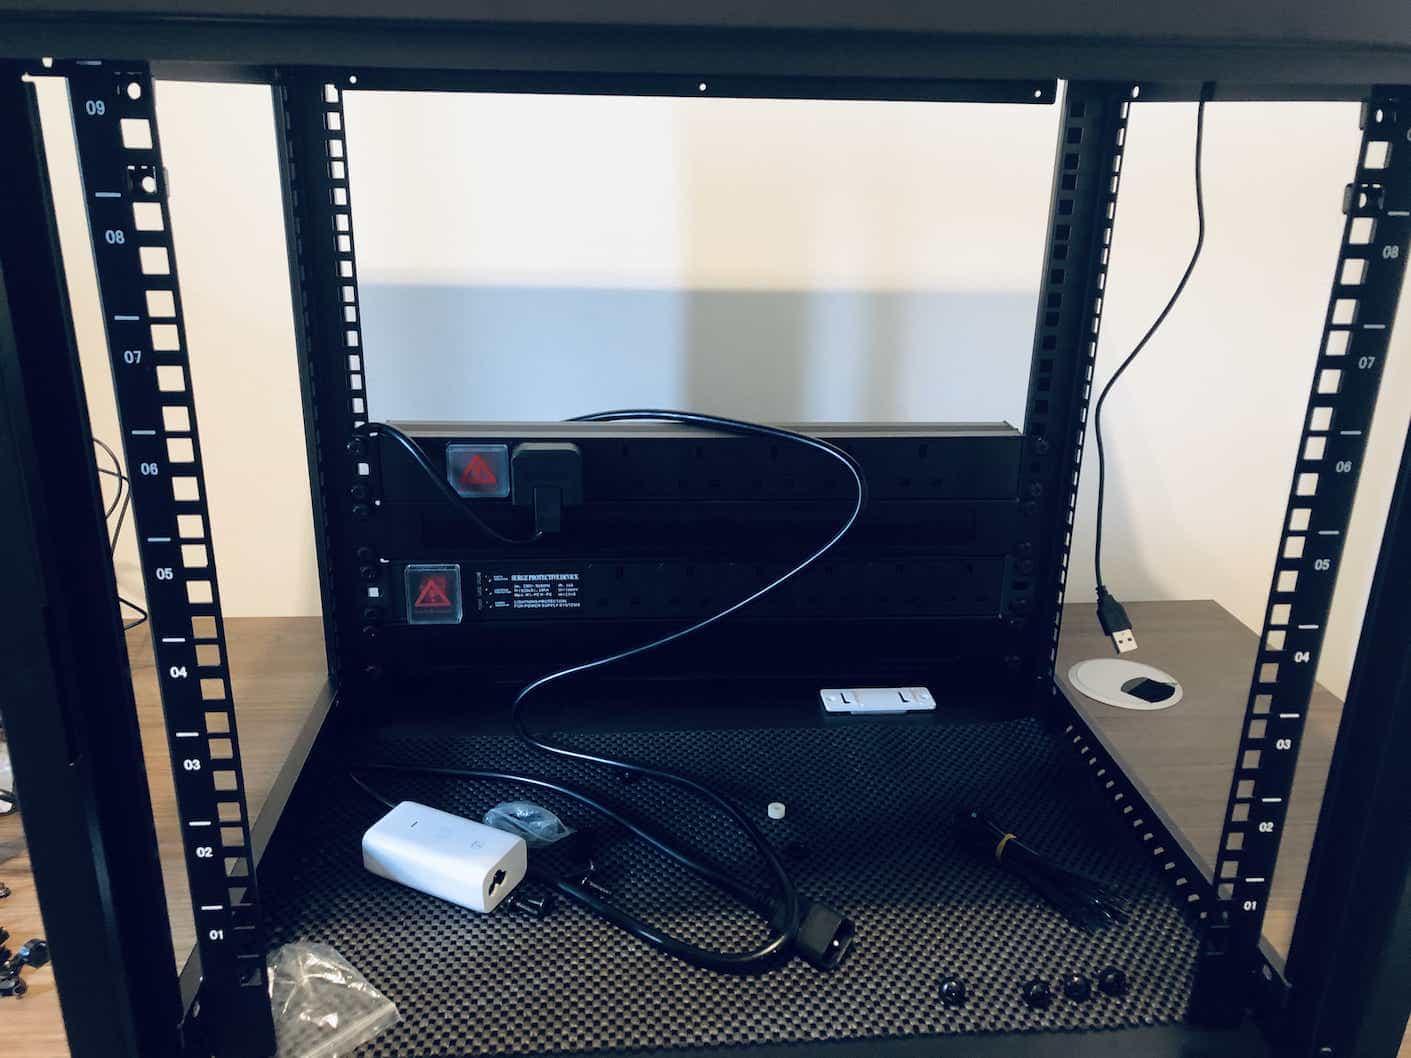 Fixing PDU units into 9U rack cabin for Unifi UDM Pro